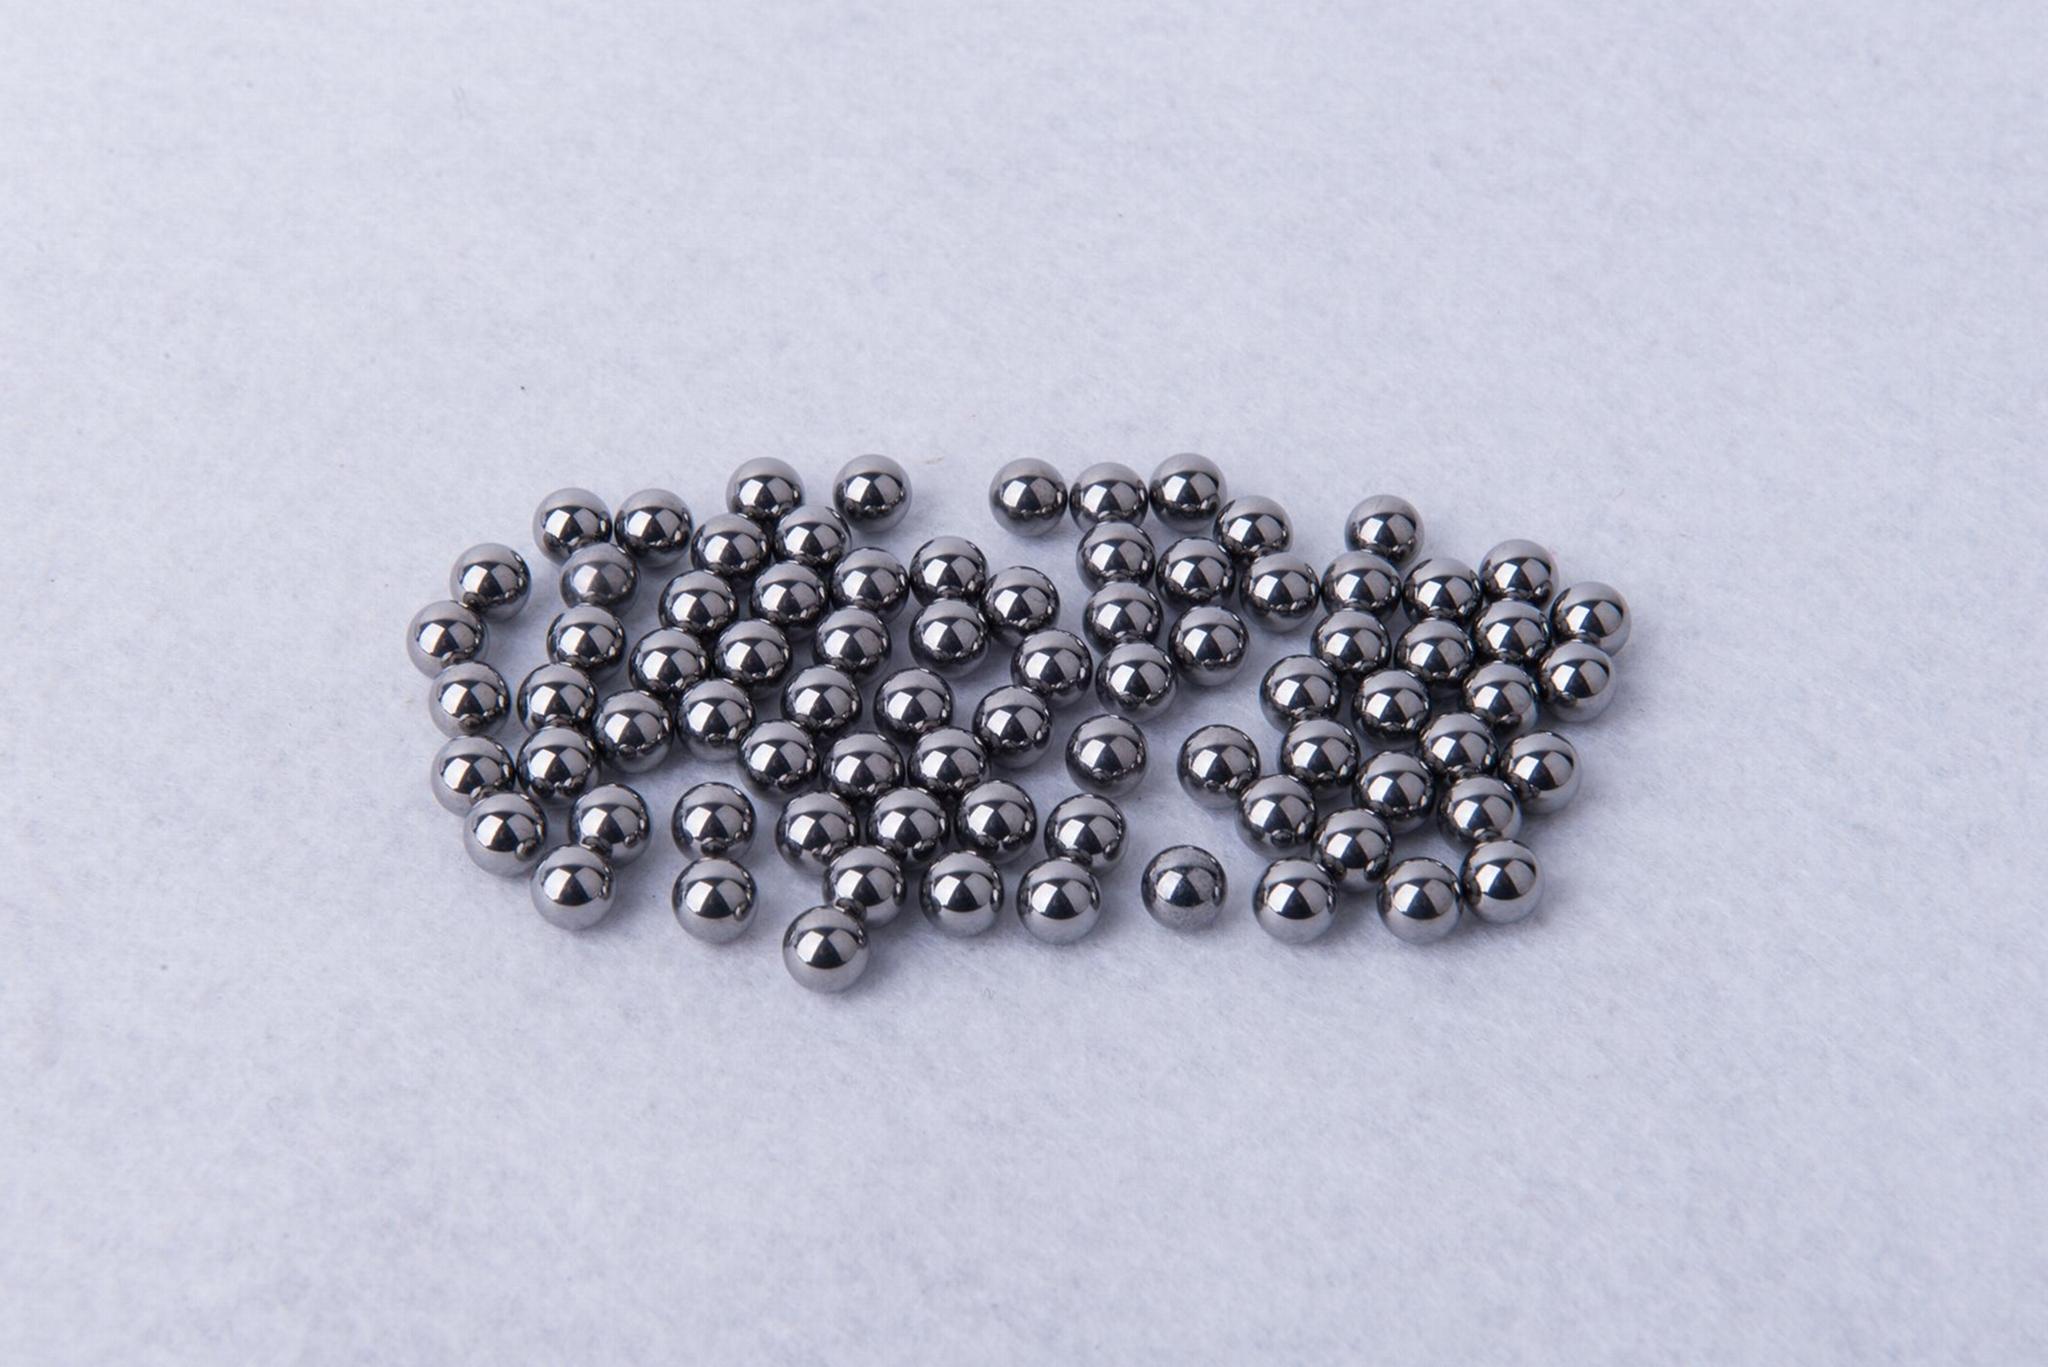 高硬度硬質合金鎢鋼沖孔球光面球耐磨鋼珠 2